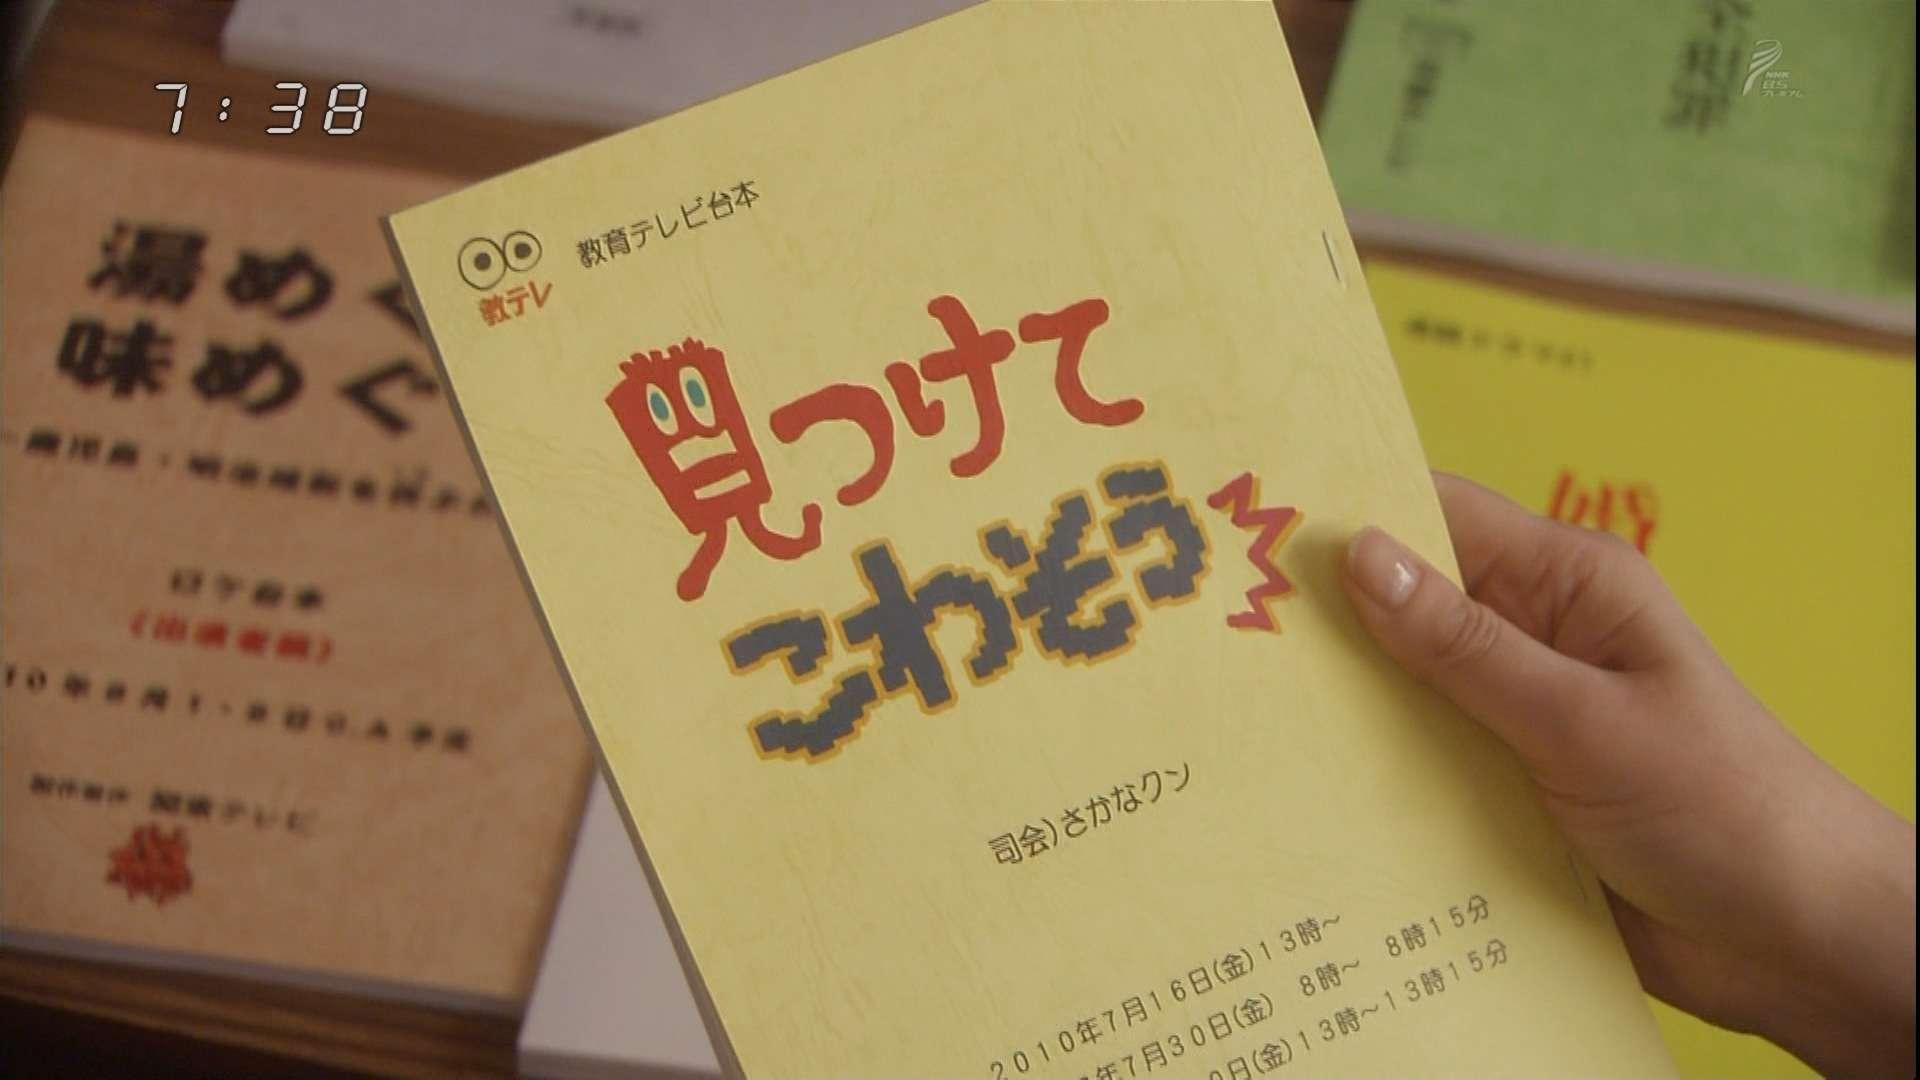 『あまちゃん』にさかなクンがゲスト出演!「ギョギョギョ」「じぇじぇじぇ」の競演